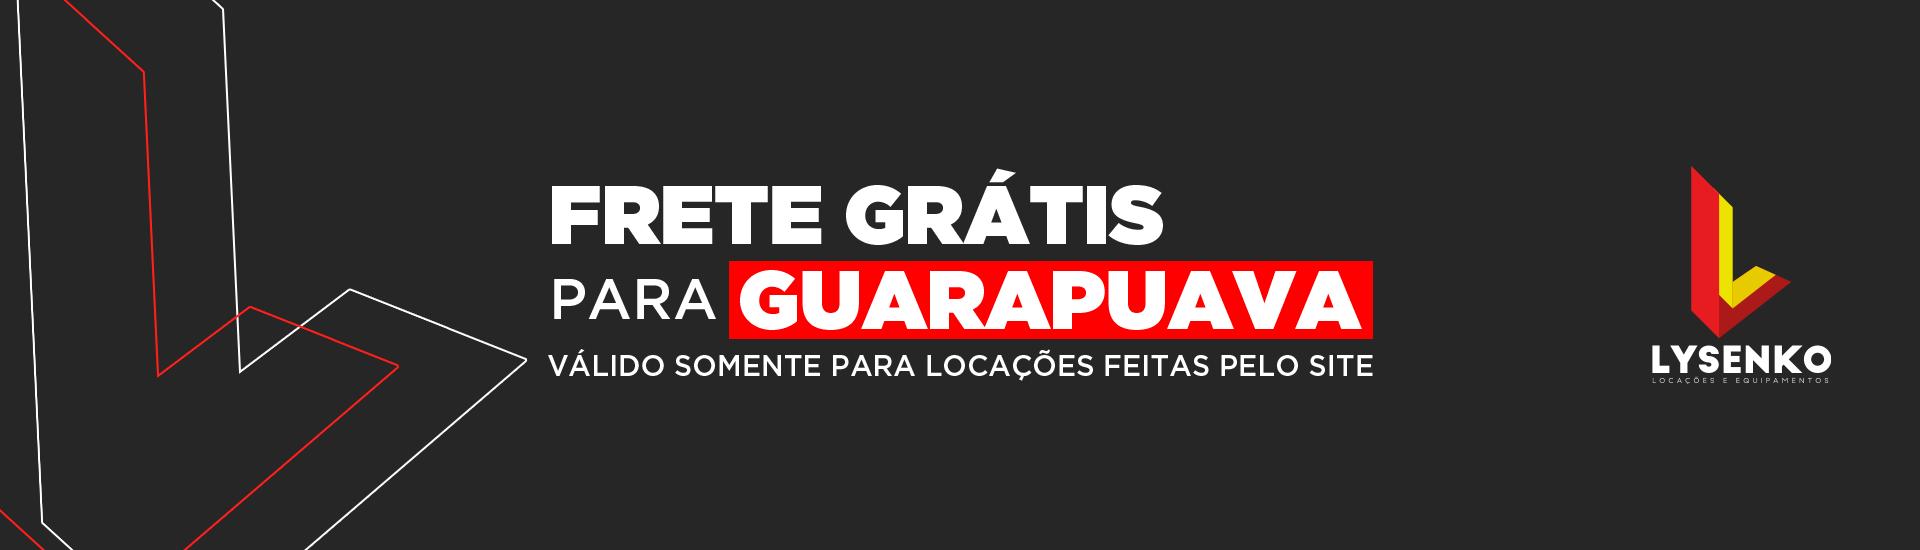 Frete Grátis para Guarapuava